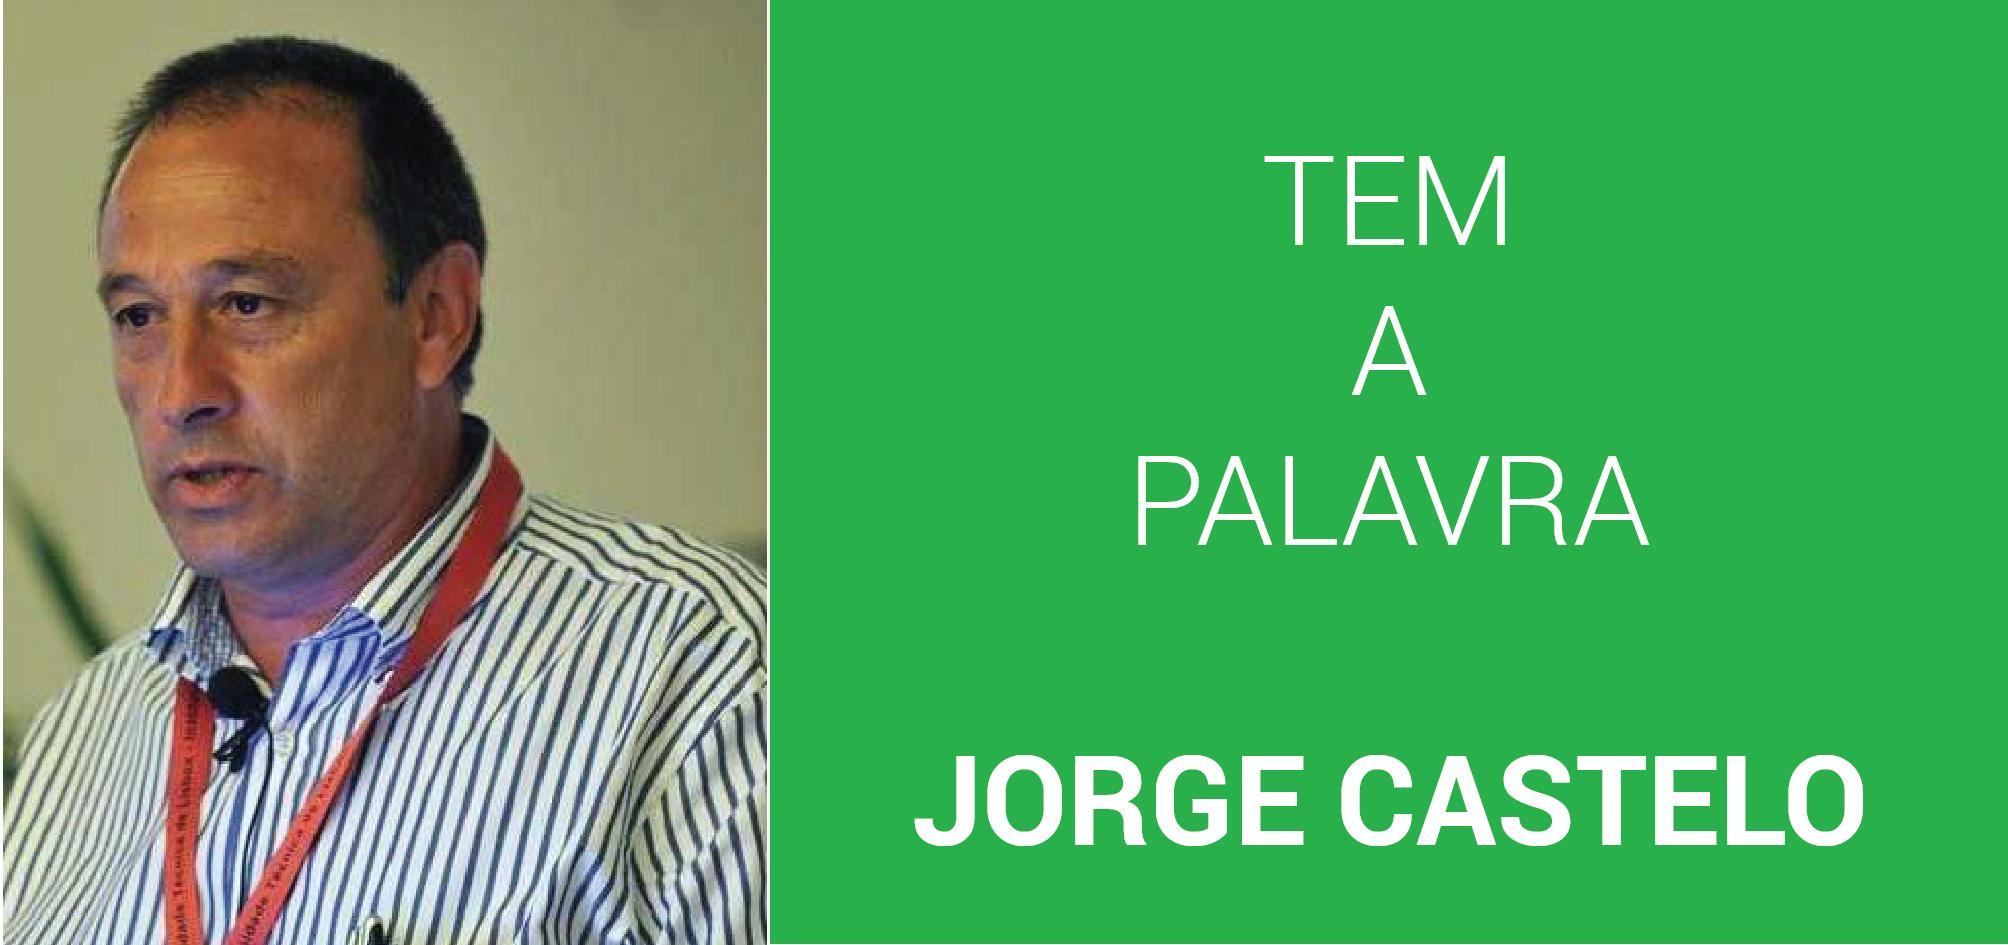 Tem a palavra Jorge Castelo